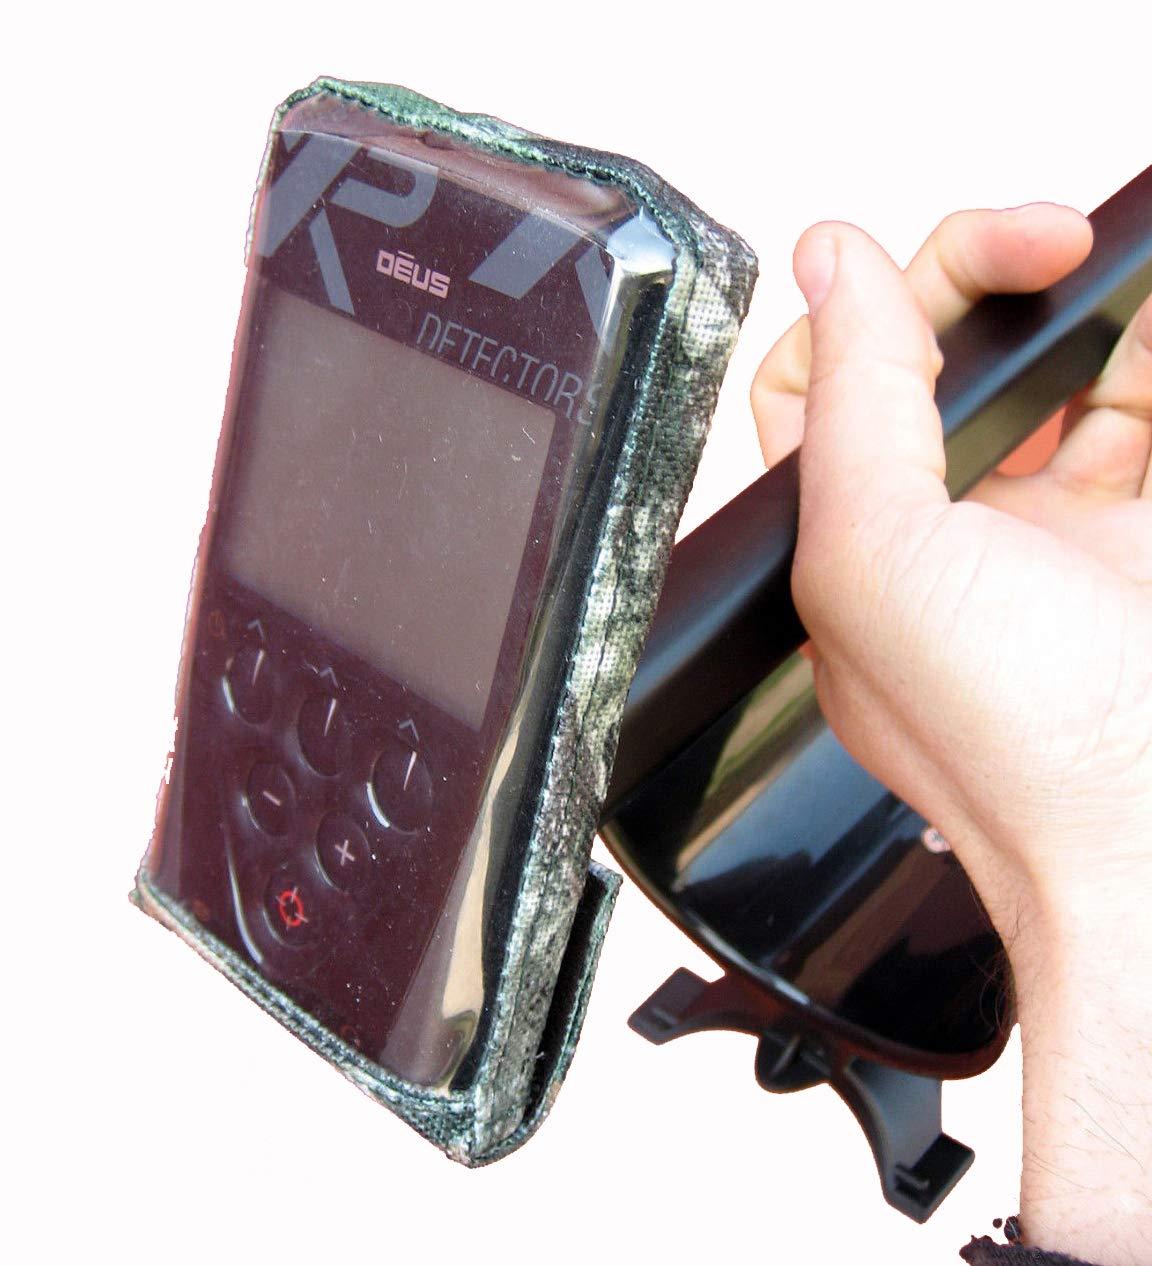 DetectorCovers XP Deus LA Tapa DE LA Caja DE Control del Detector DE Metales 600 Camo Paño DE PVC: Amazon.es: Deportes y aire libre